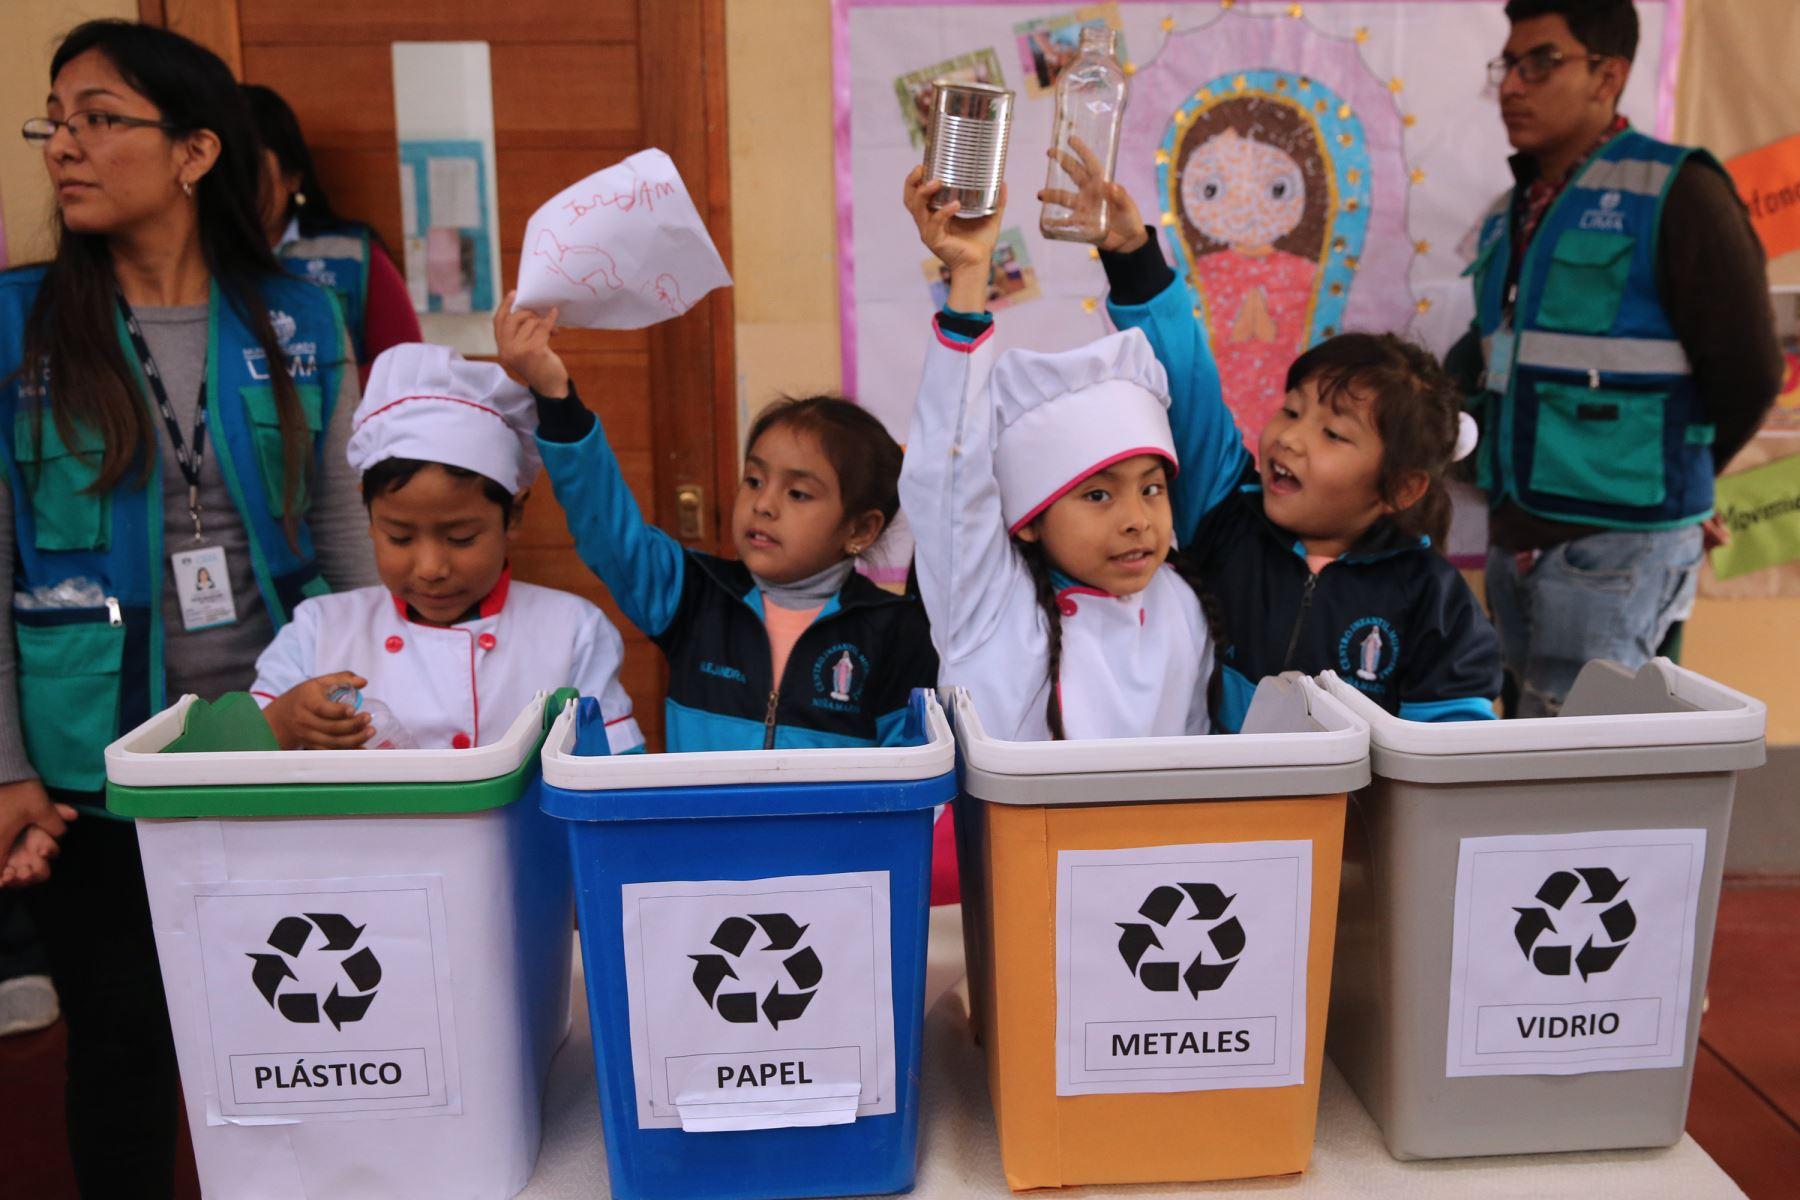 La Municipalidad de Lima anunciará la instalación de ocho estaciones de reciclaje que serán colocadas en distintos puntos estratégicos del Cercado de Lima, las cuales servirán para el acopio, manejo y disposición de los residuos inorgánicos aprovechables como plásticos, metales, vidrios, papeles y cartón.Foto: ANDINA/Norman Córdova